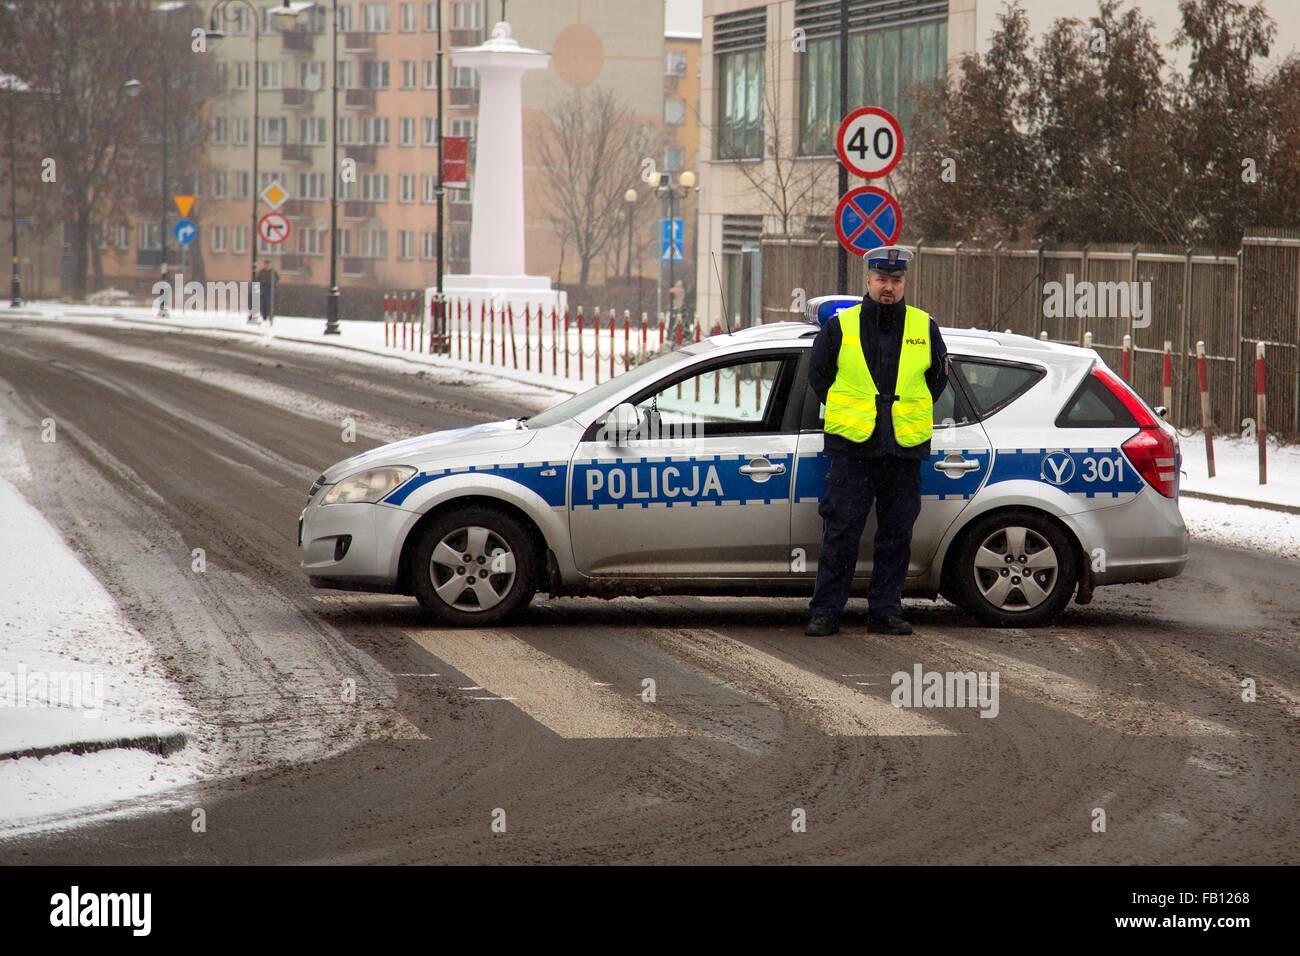 El bloqueo por parte de la policía Imagen De Stock